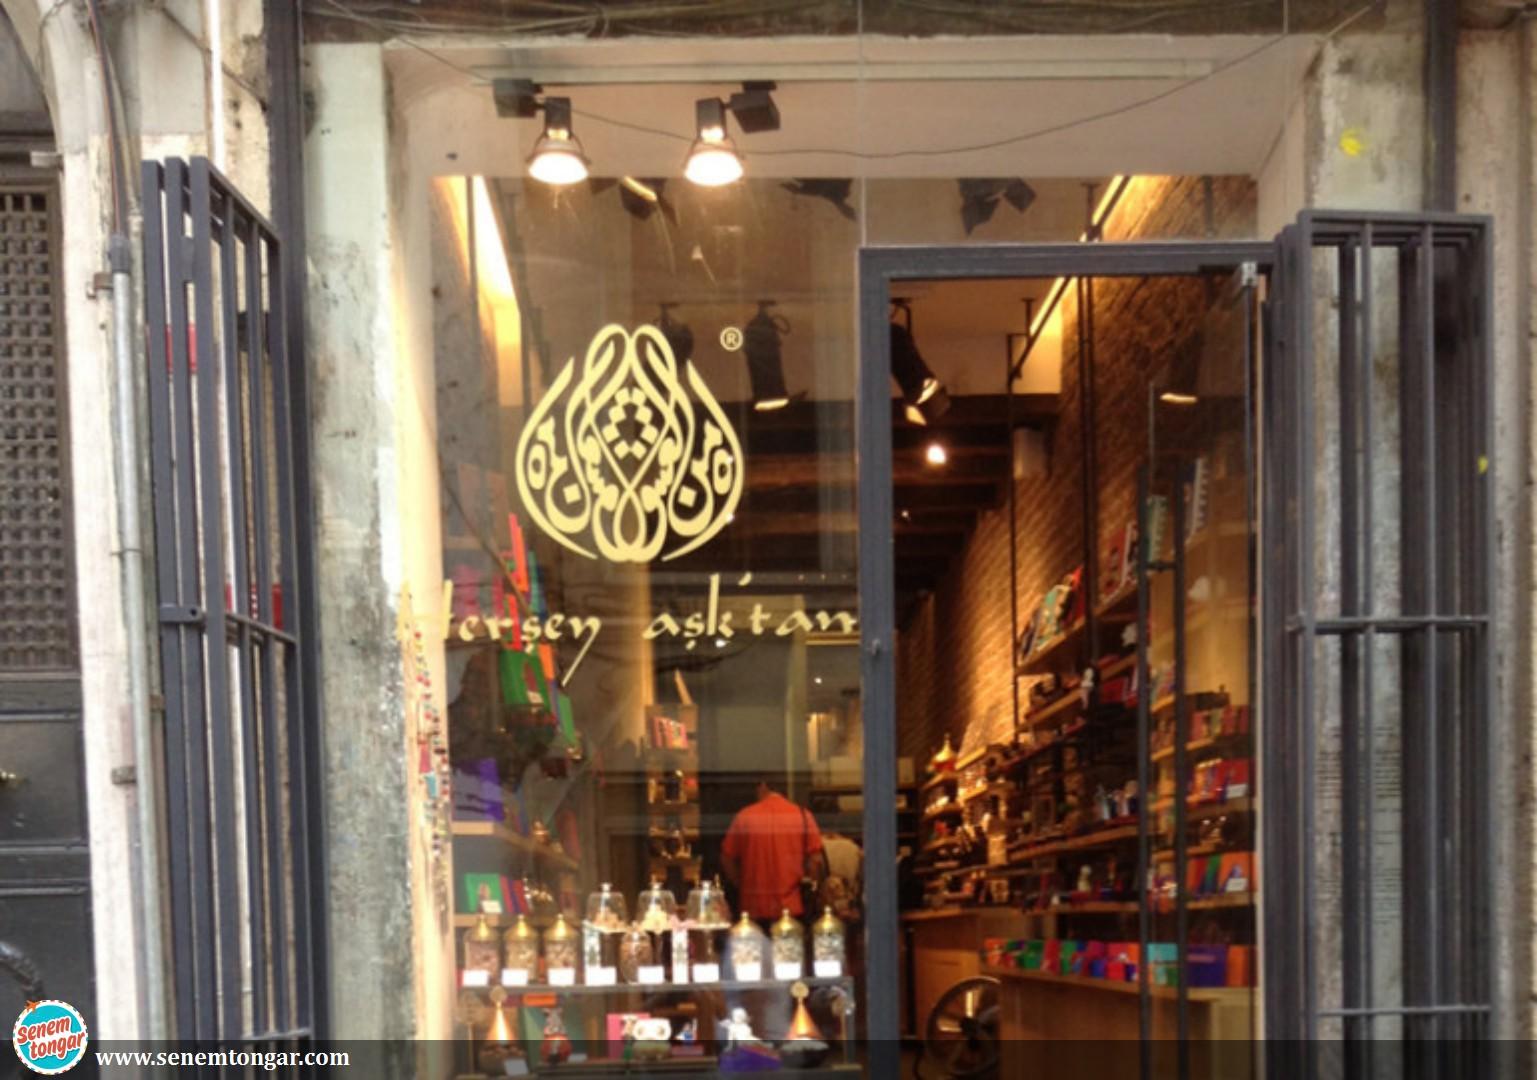 Her Şey Aşk'tan-Galata'da Tatlı Bir Dükkan